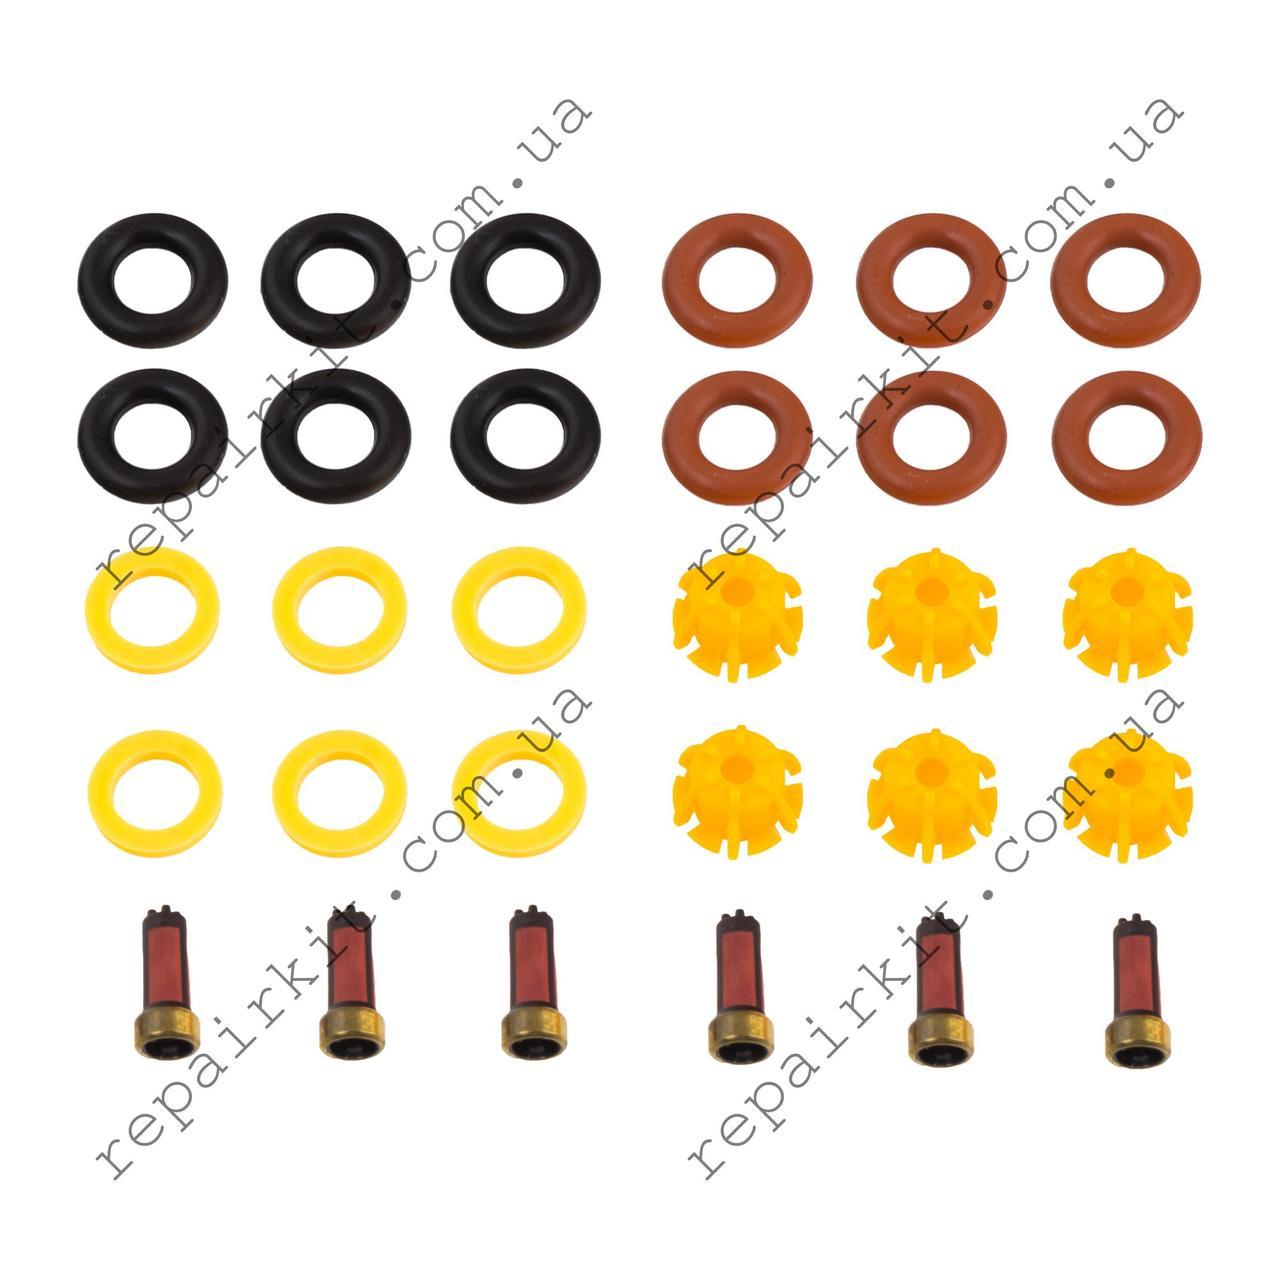 Ремкомплект форсунки впрыска топлива Bosch 0280150415, 0280150414, 0280150440